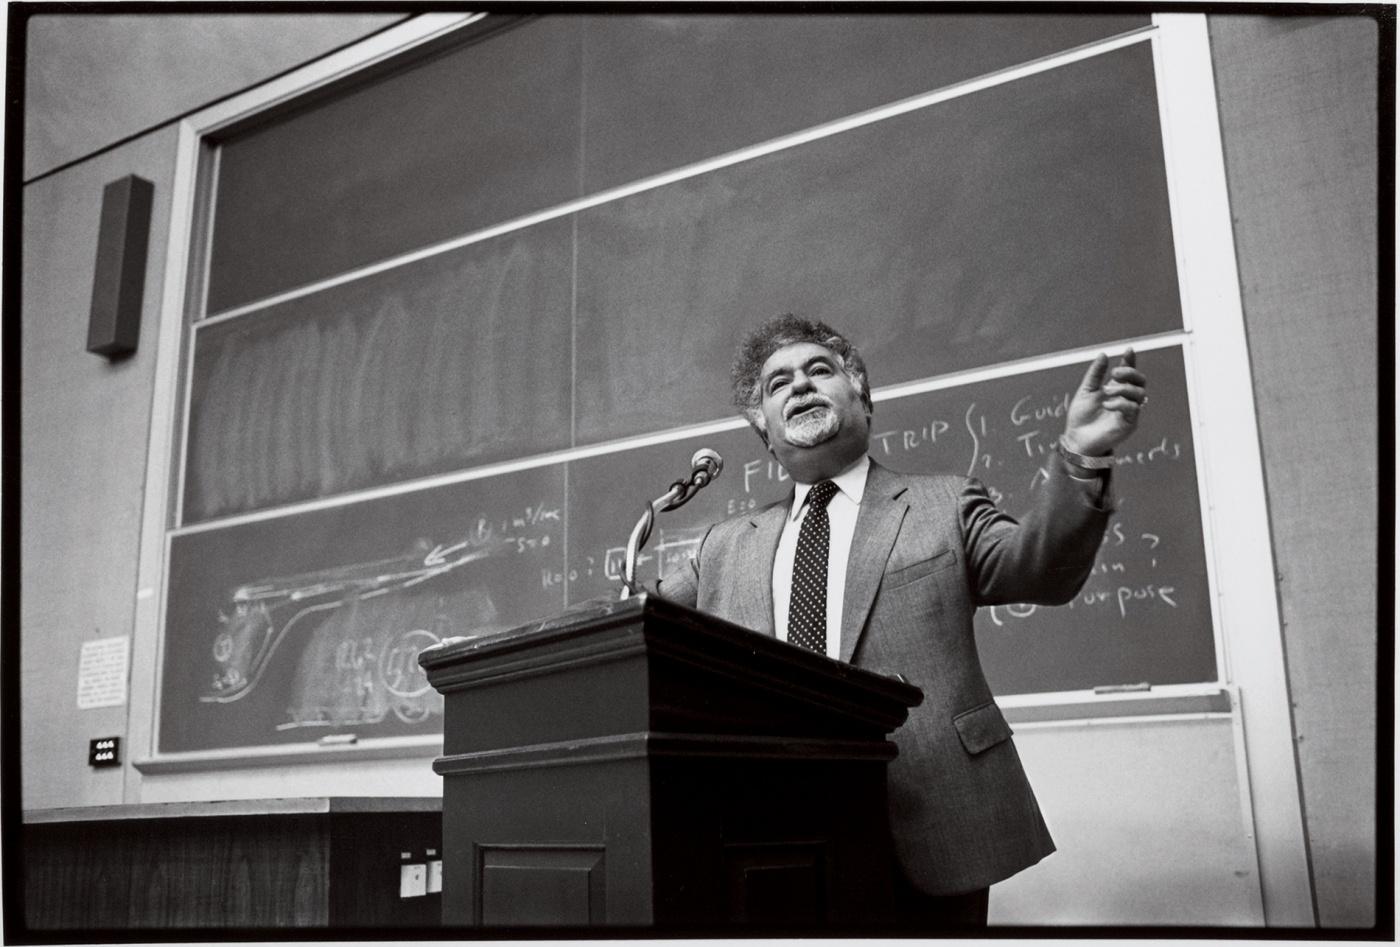 Vartan Gregorian teaching a class